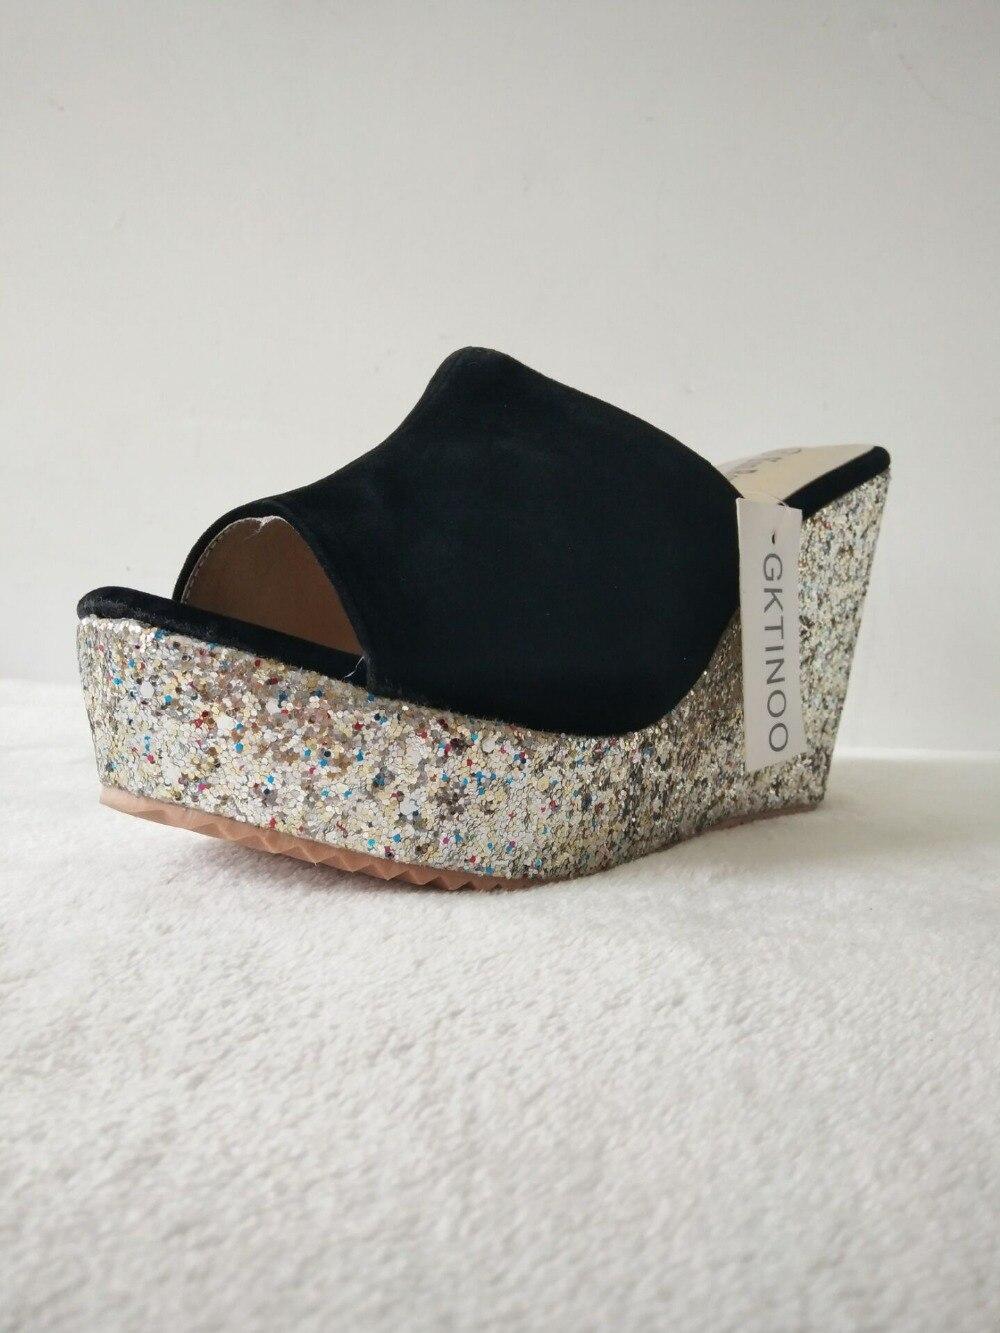 aa74e59cf0 2019 moda cekiny szpilki kapcie kobiety lato buty zamszowe sandały na  platformie panie kliny sandały klapki japonki